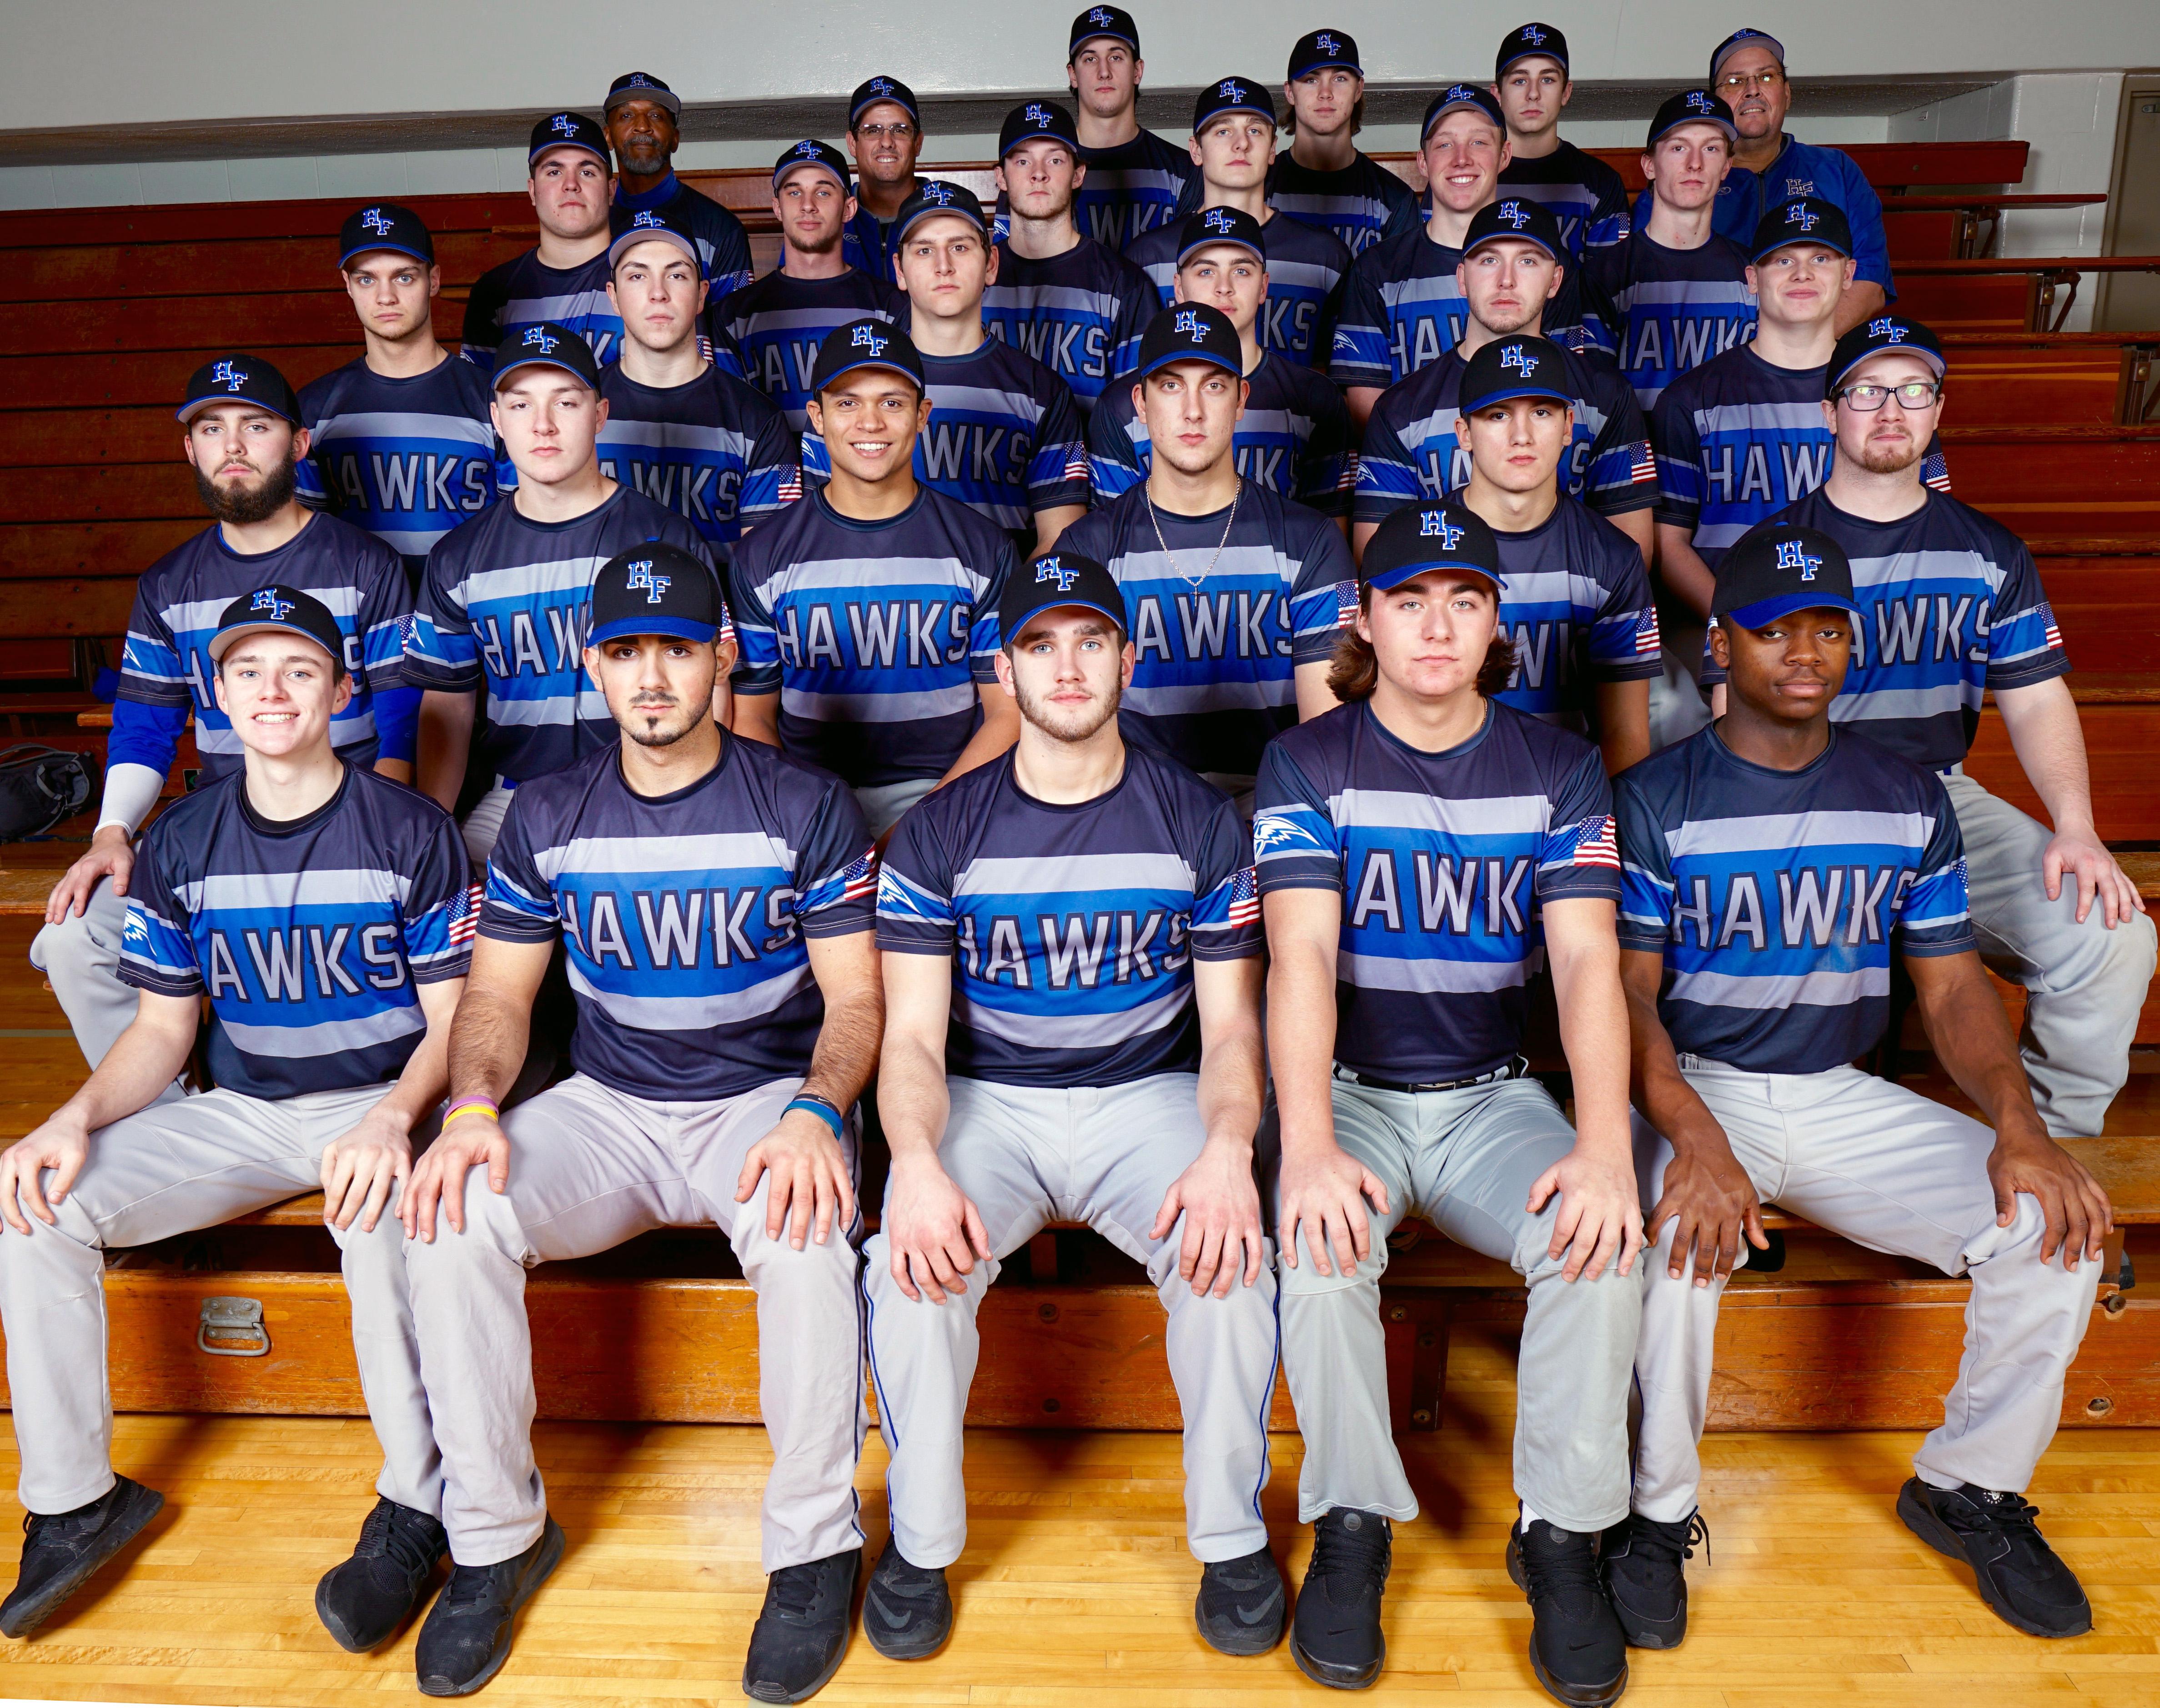 Hawks baseball team